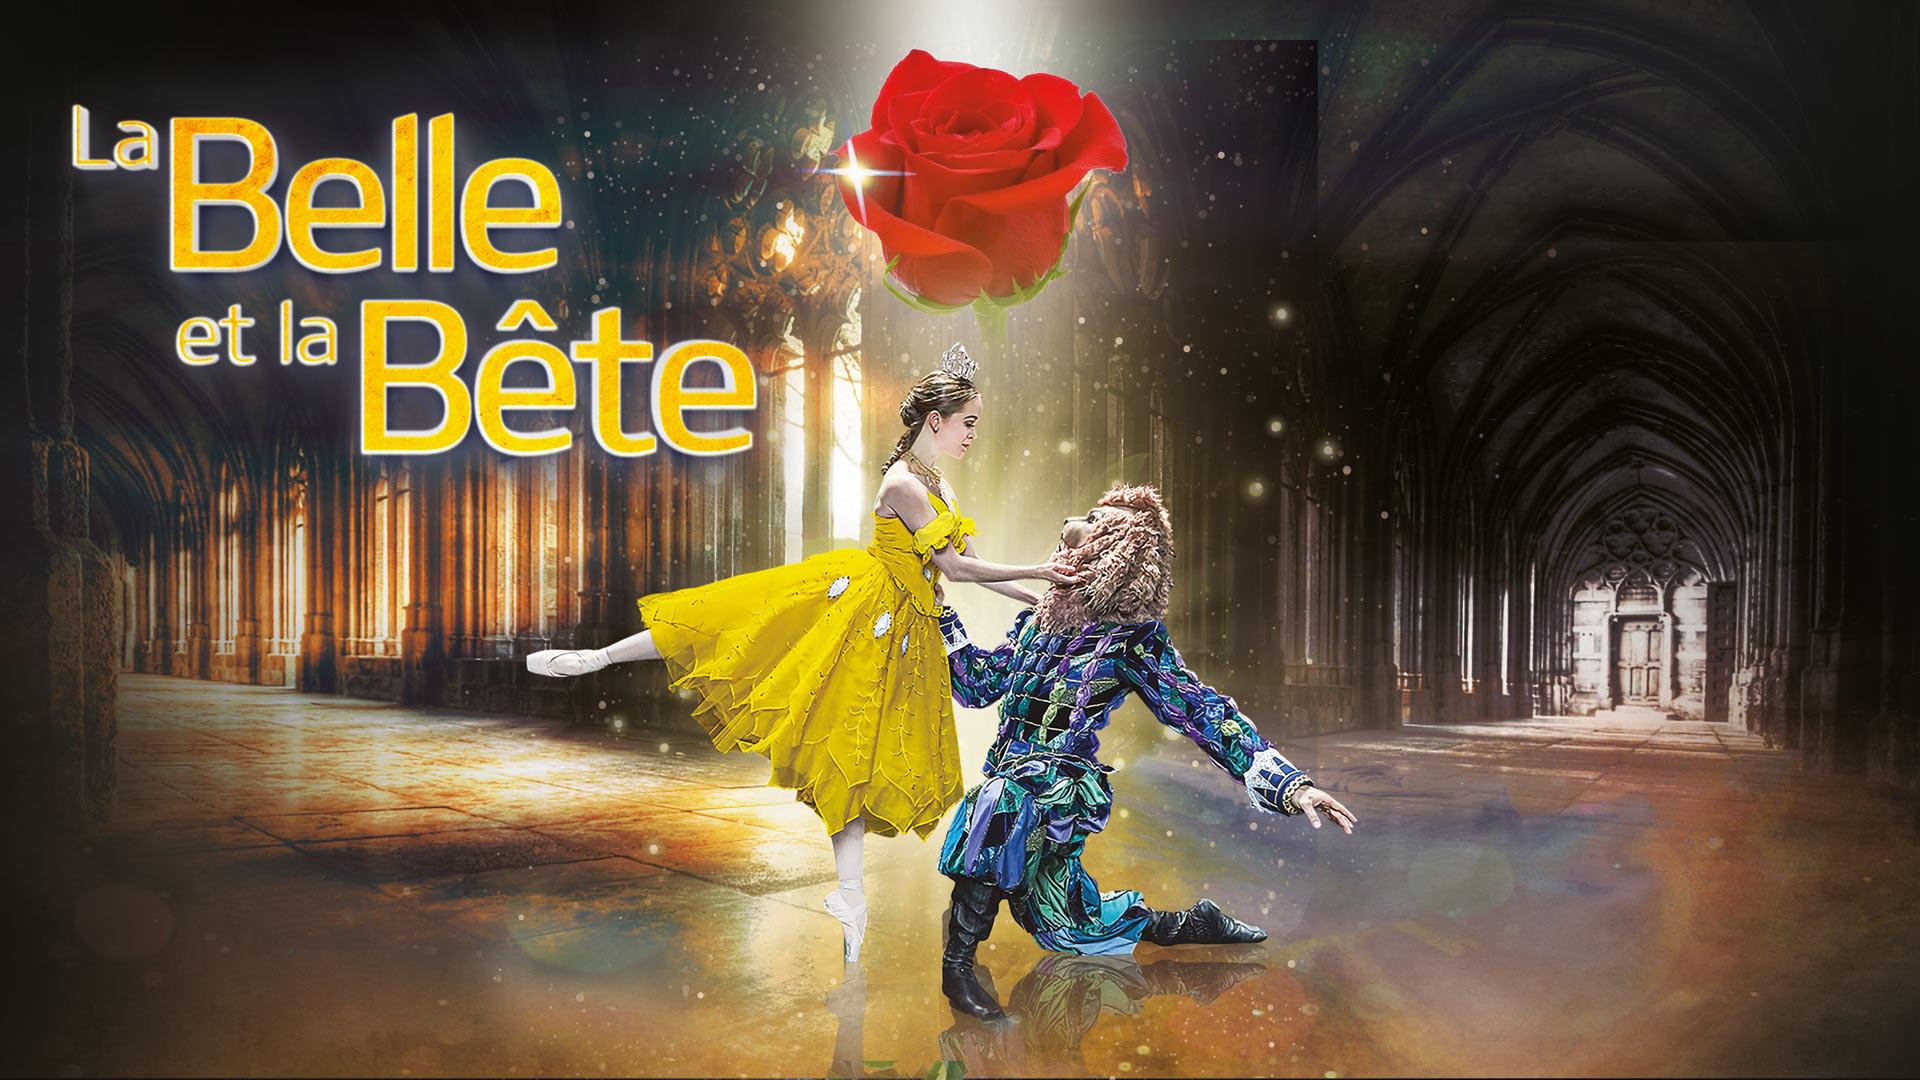 La belle et la bête, Dans des décors féériques, un récit merveilleux raconté et dansé par 20 artistes et un grand orchestre de 30 musiciens !